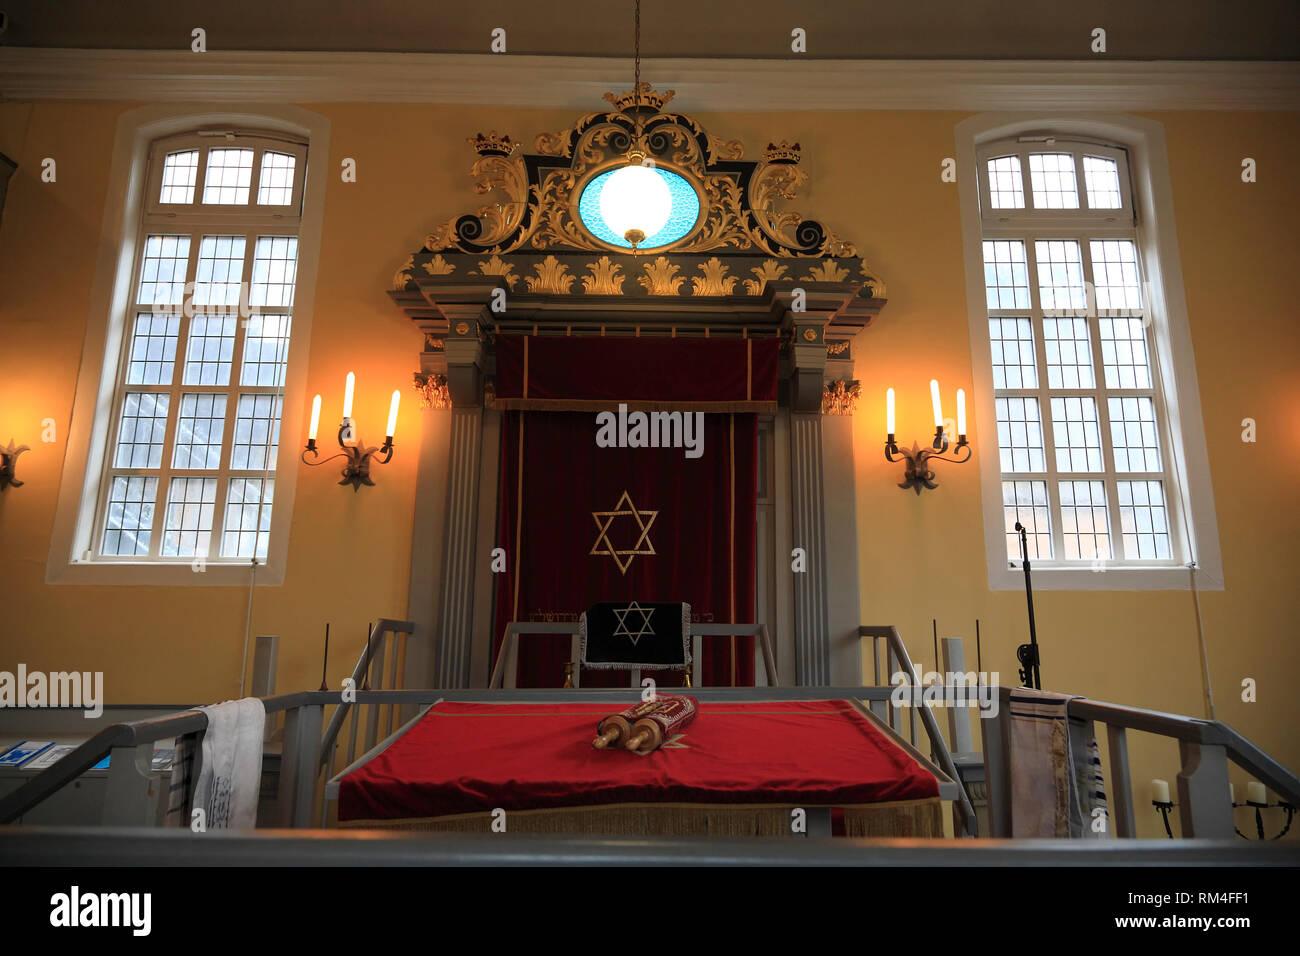 Synagoge innen mit Thora, Celle, Niedersachsen, Deutschland, Europa Stockbild